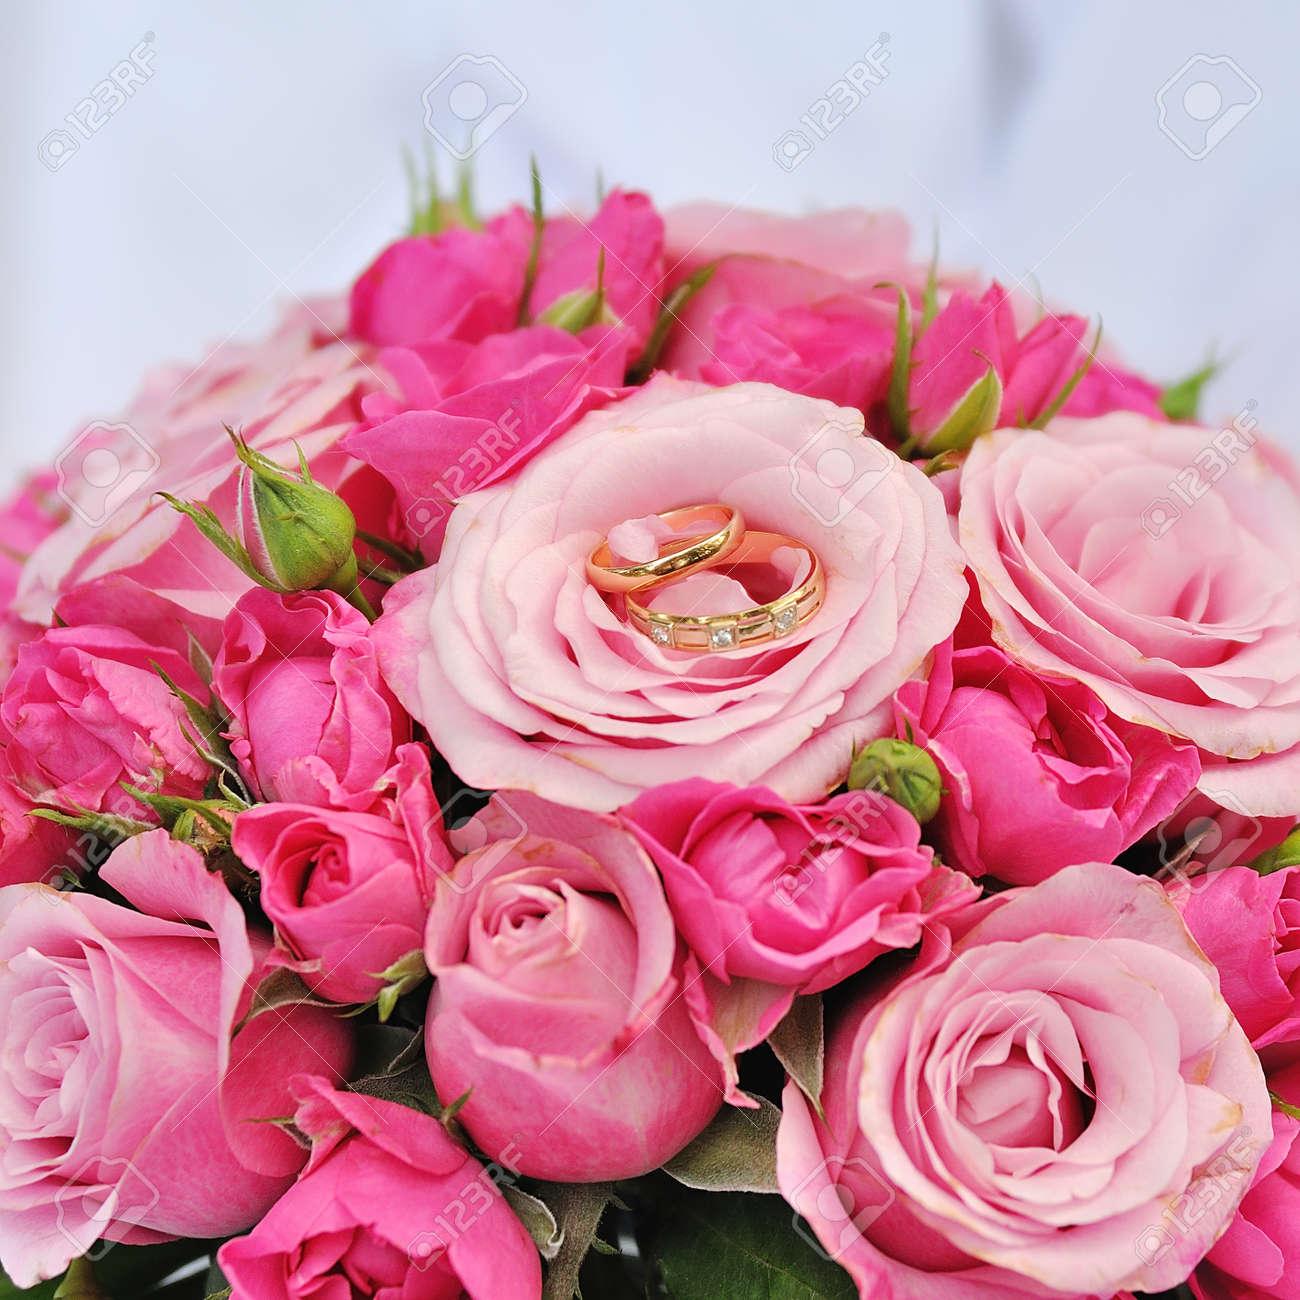 Hochzeitsblumen Brautblumenstraussnahaufnahme Dekoration Aus Rosen